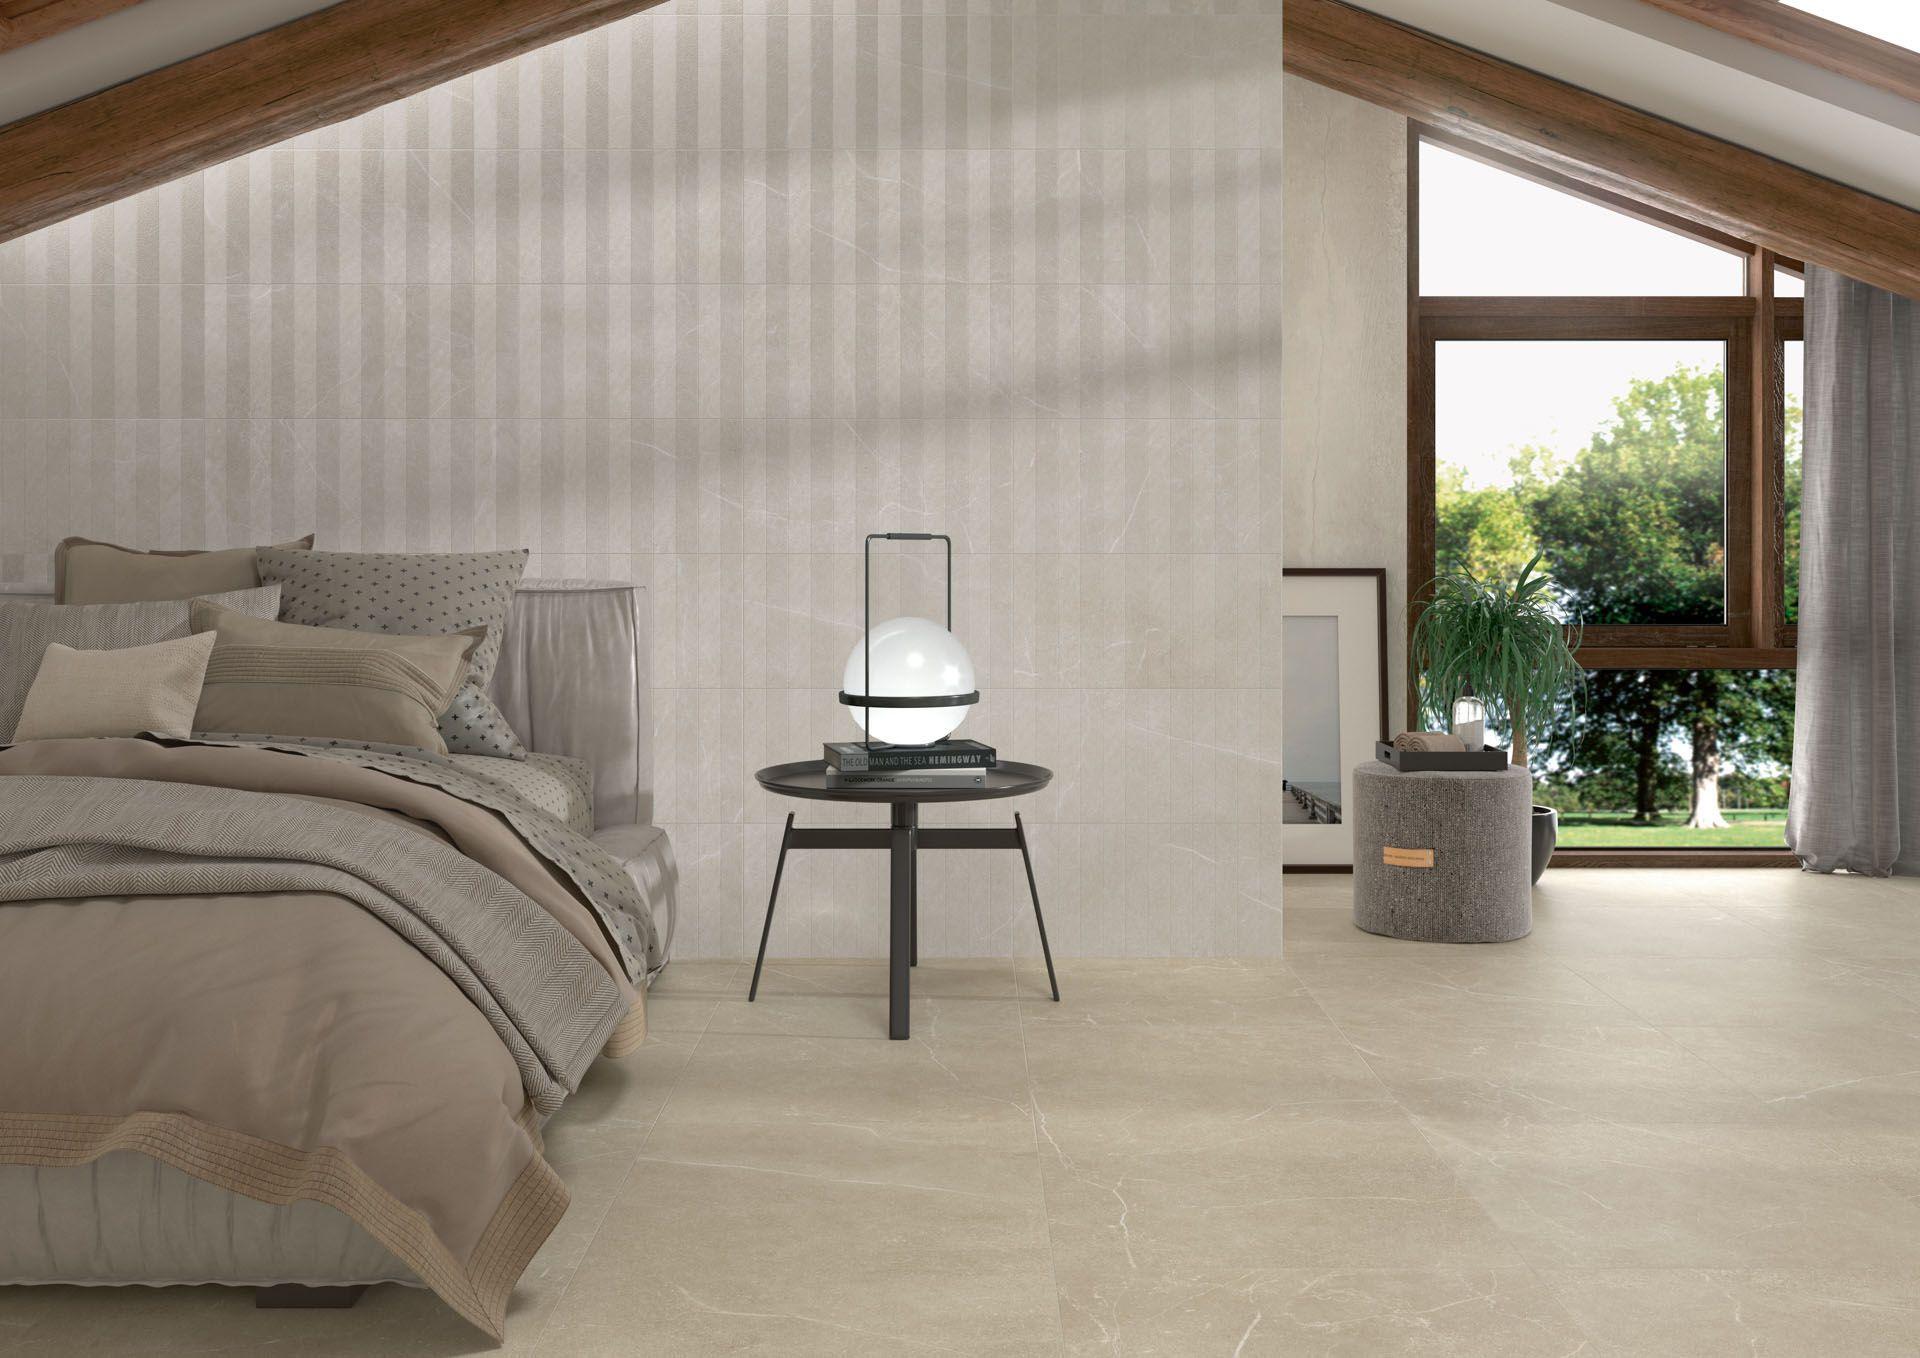 Sypialnia utrzymana w beżu z dużym łóżkiem, okrągłym stoliczkiem z lampą, oknem z szarymi zasłonami, obrazem i płytkami Soapstone White